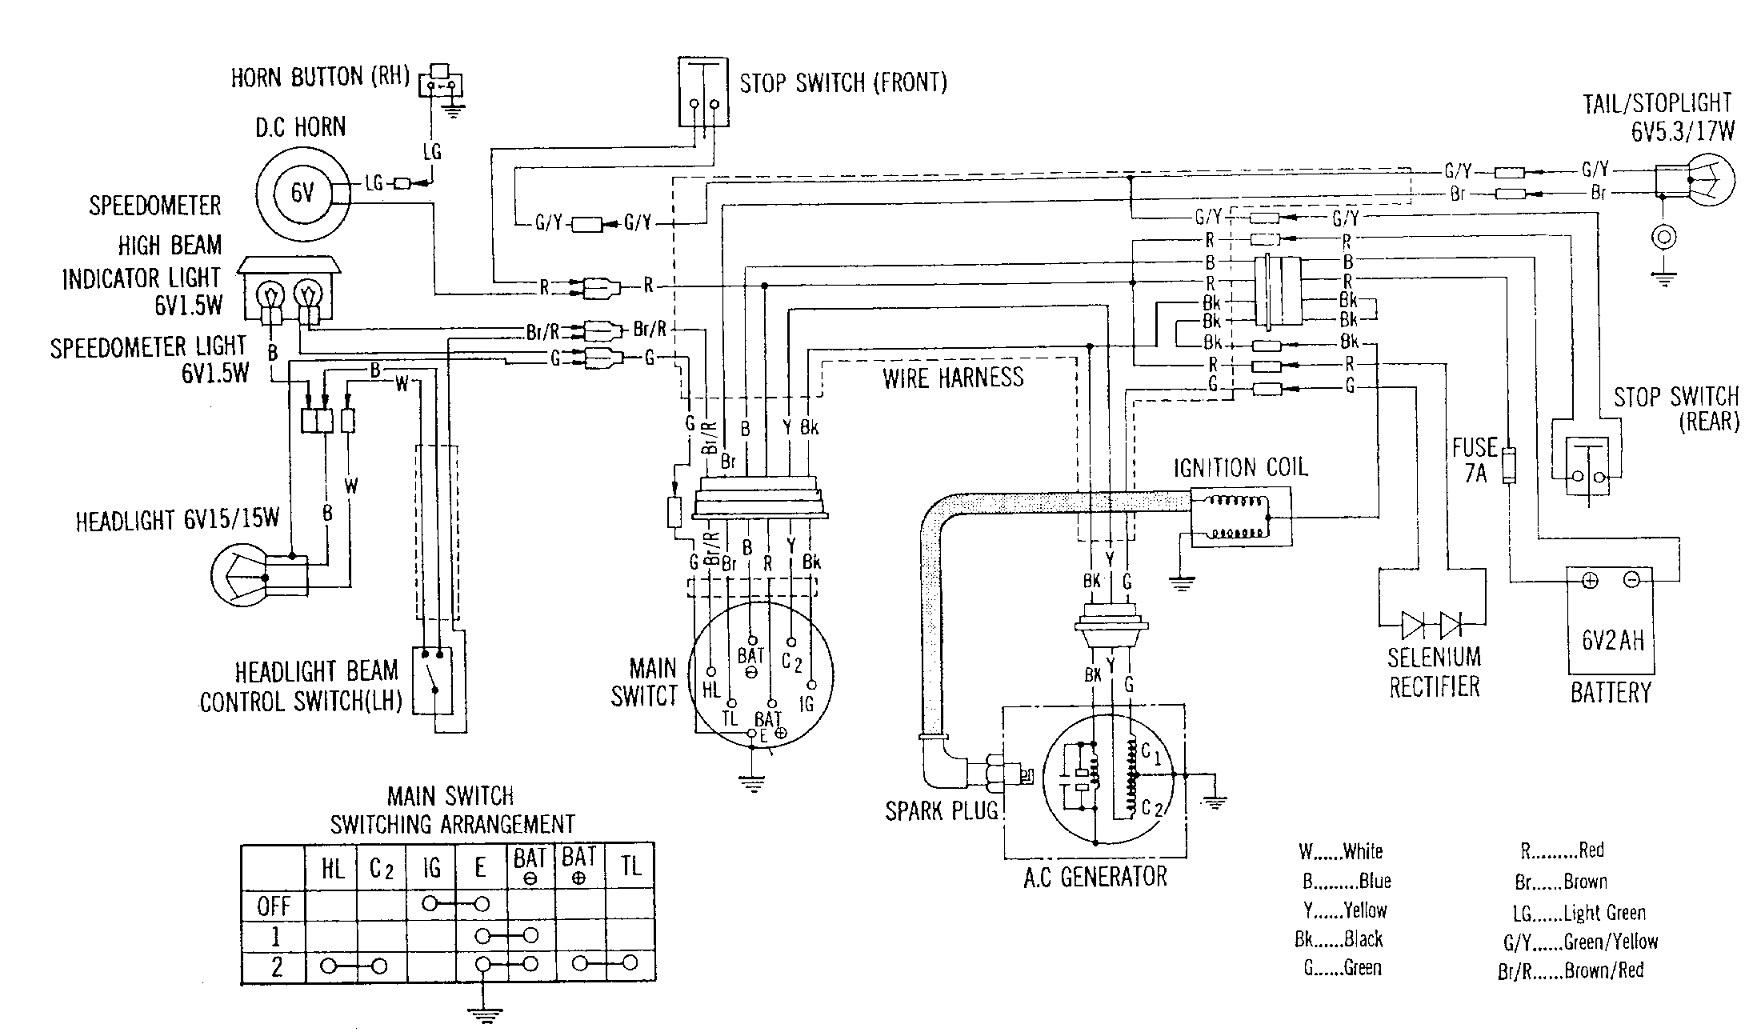 Incredible 1980 Ct70 Wire Diagram Wiring Diagram Wiring Cloud Uslyletkolfr09Org